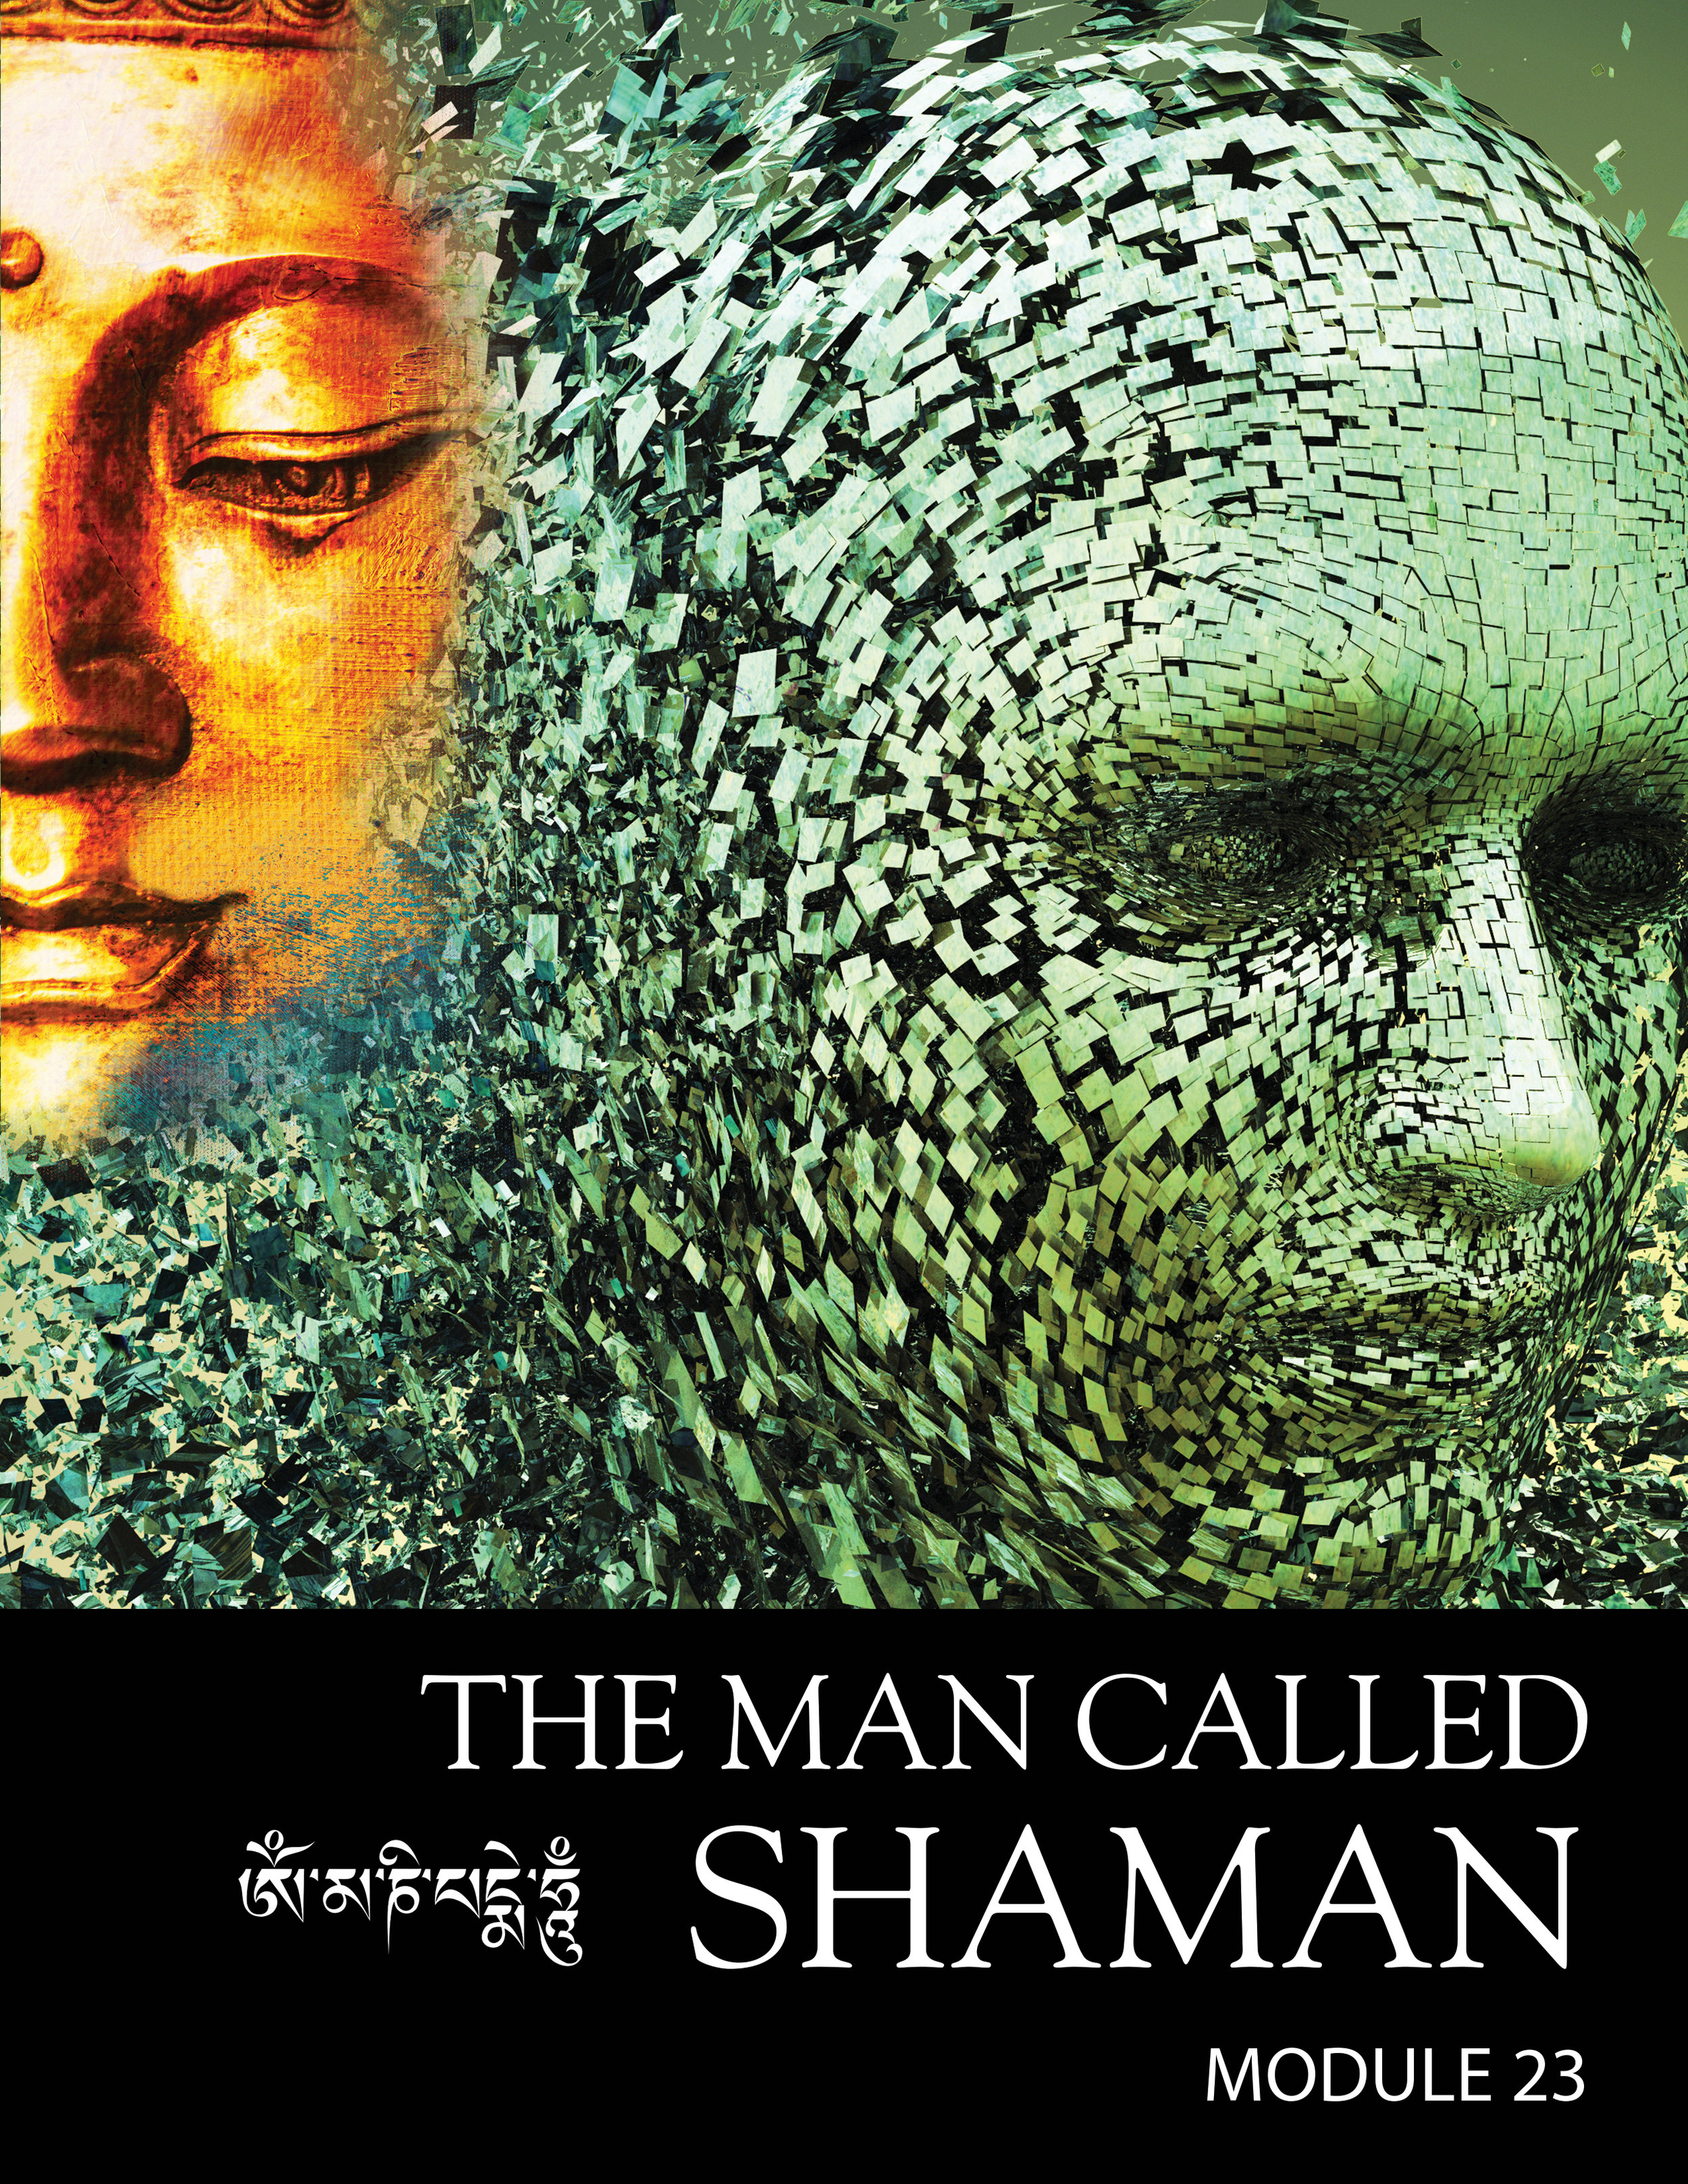 Shaman-Cover4-a.jpg